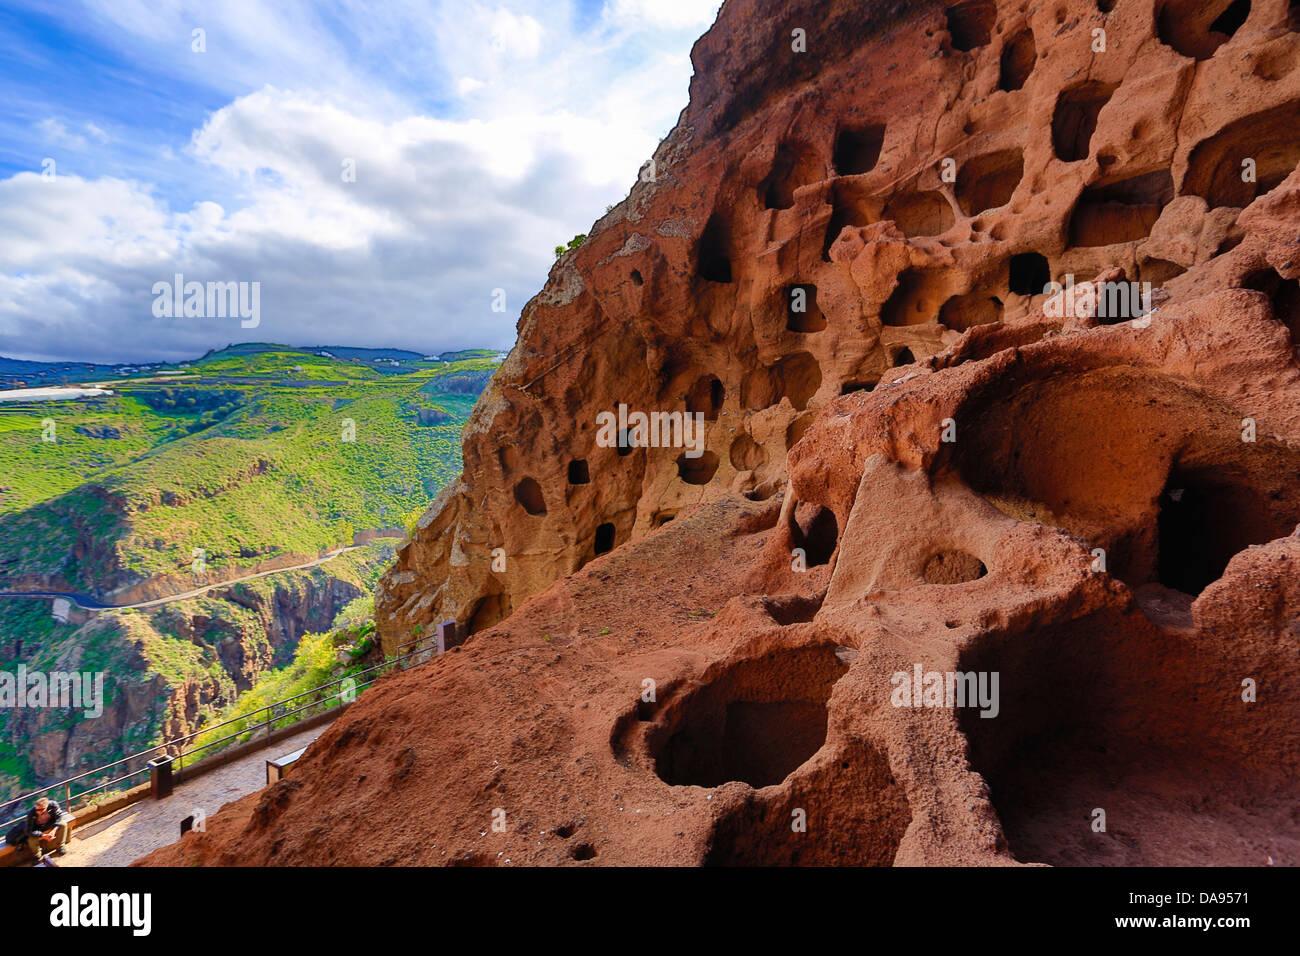 Valerón, Kloster, Höhlen, Spanien, Europa, Kanarische Inseln, Cenobio, Gran Canaria, Valerón, Essen, Stockbild